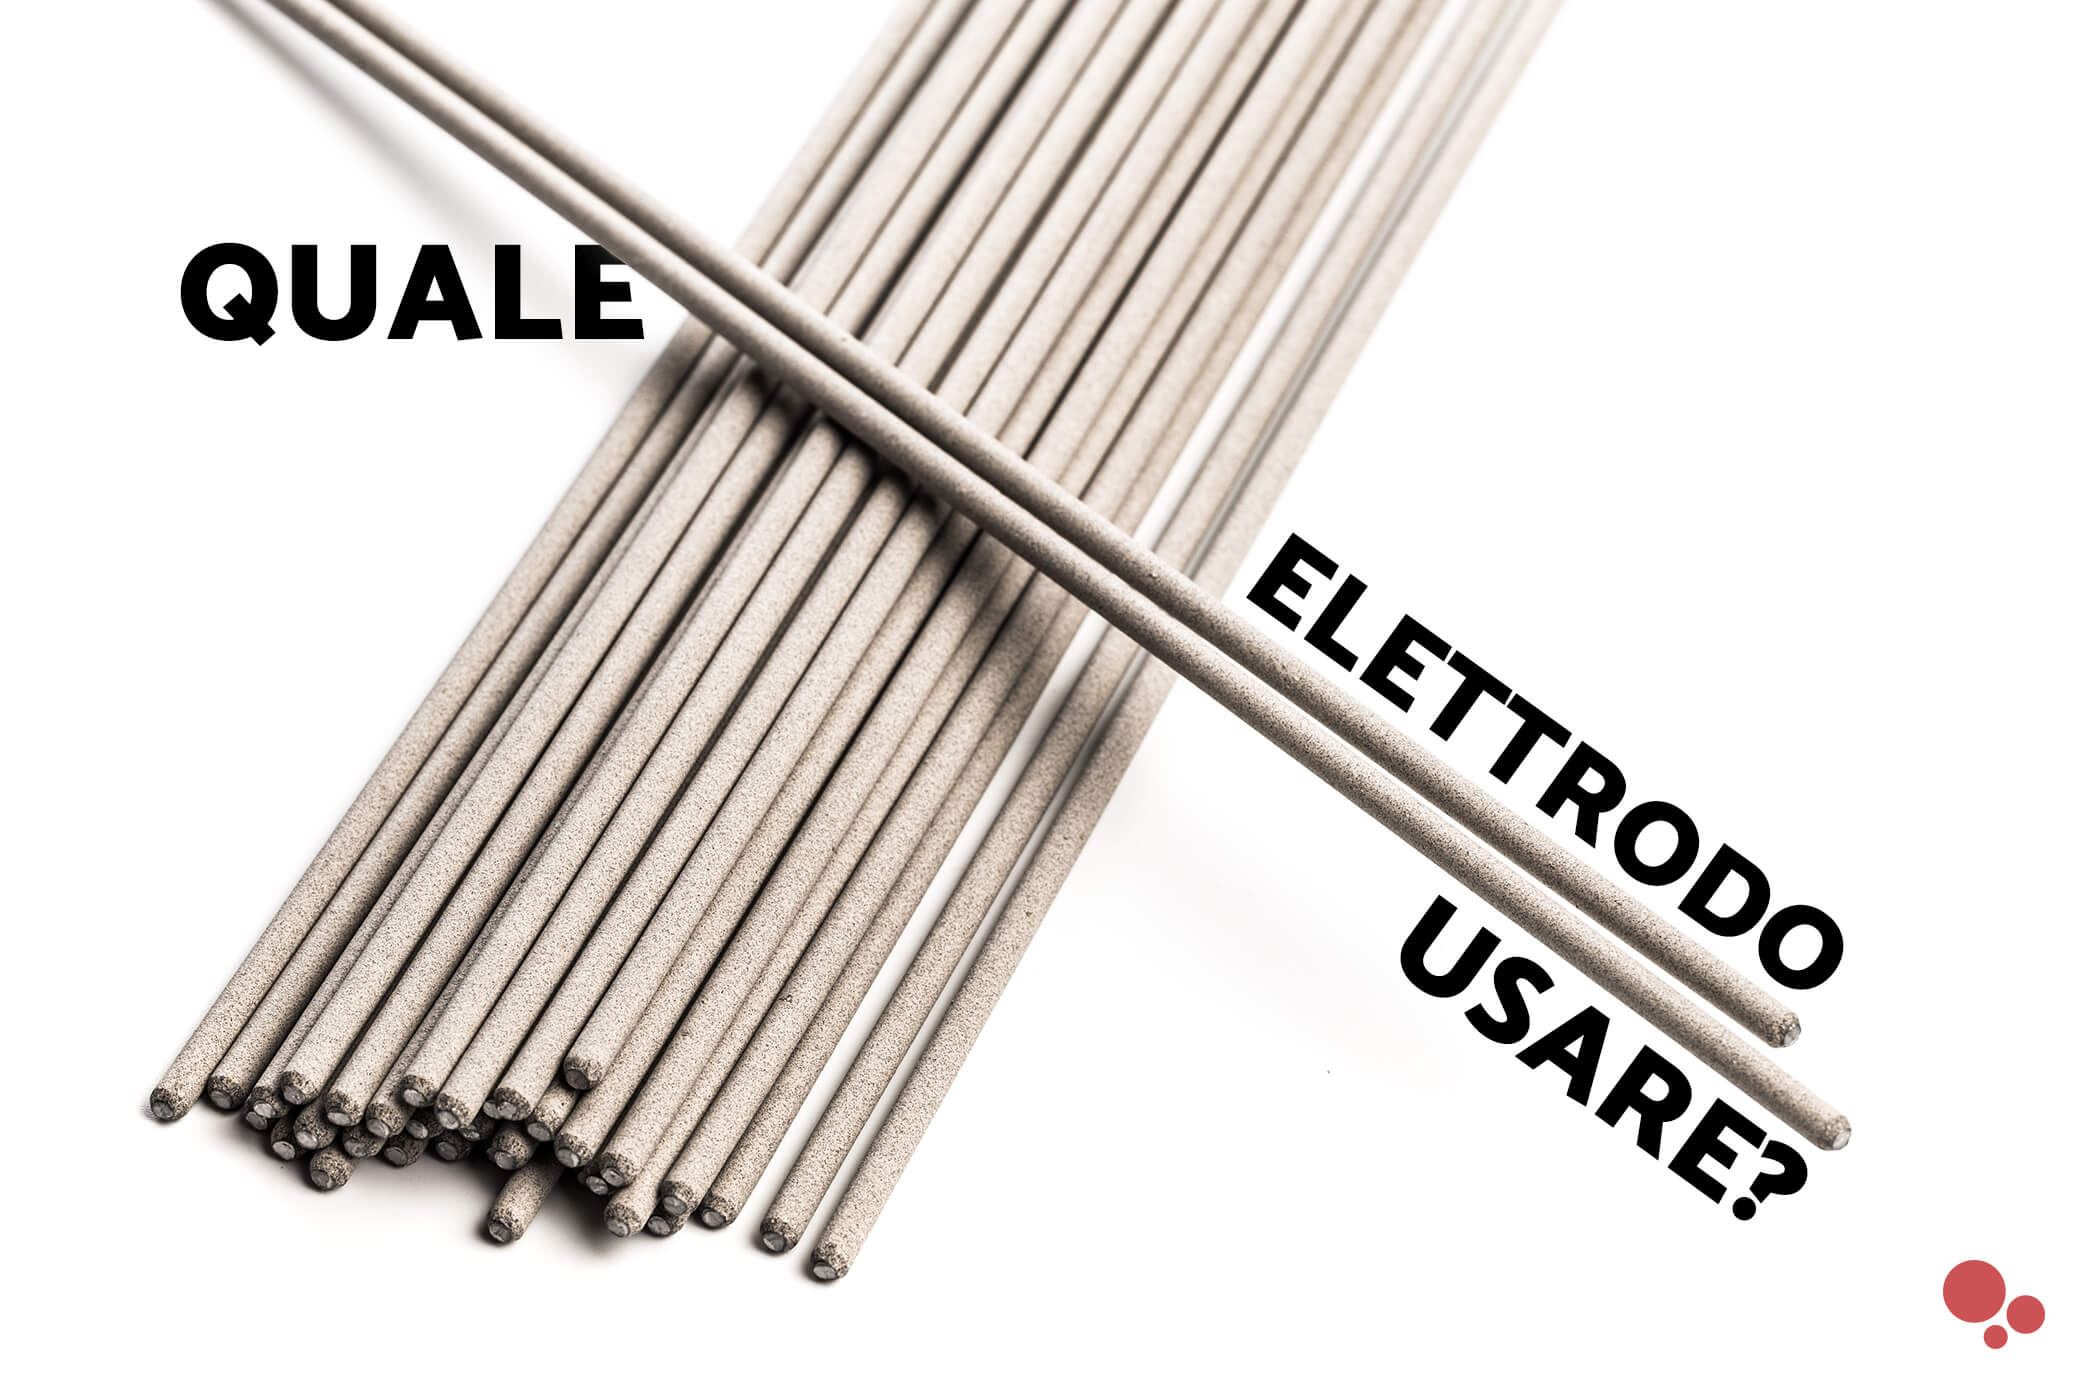 Saldare il ferro quale elettrodo usare